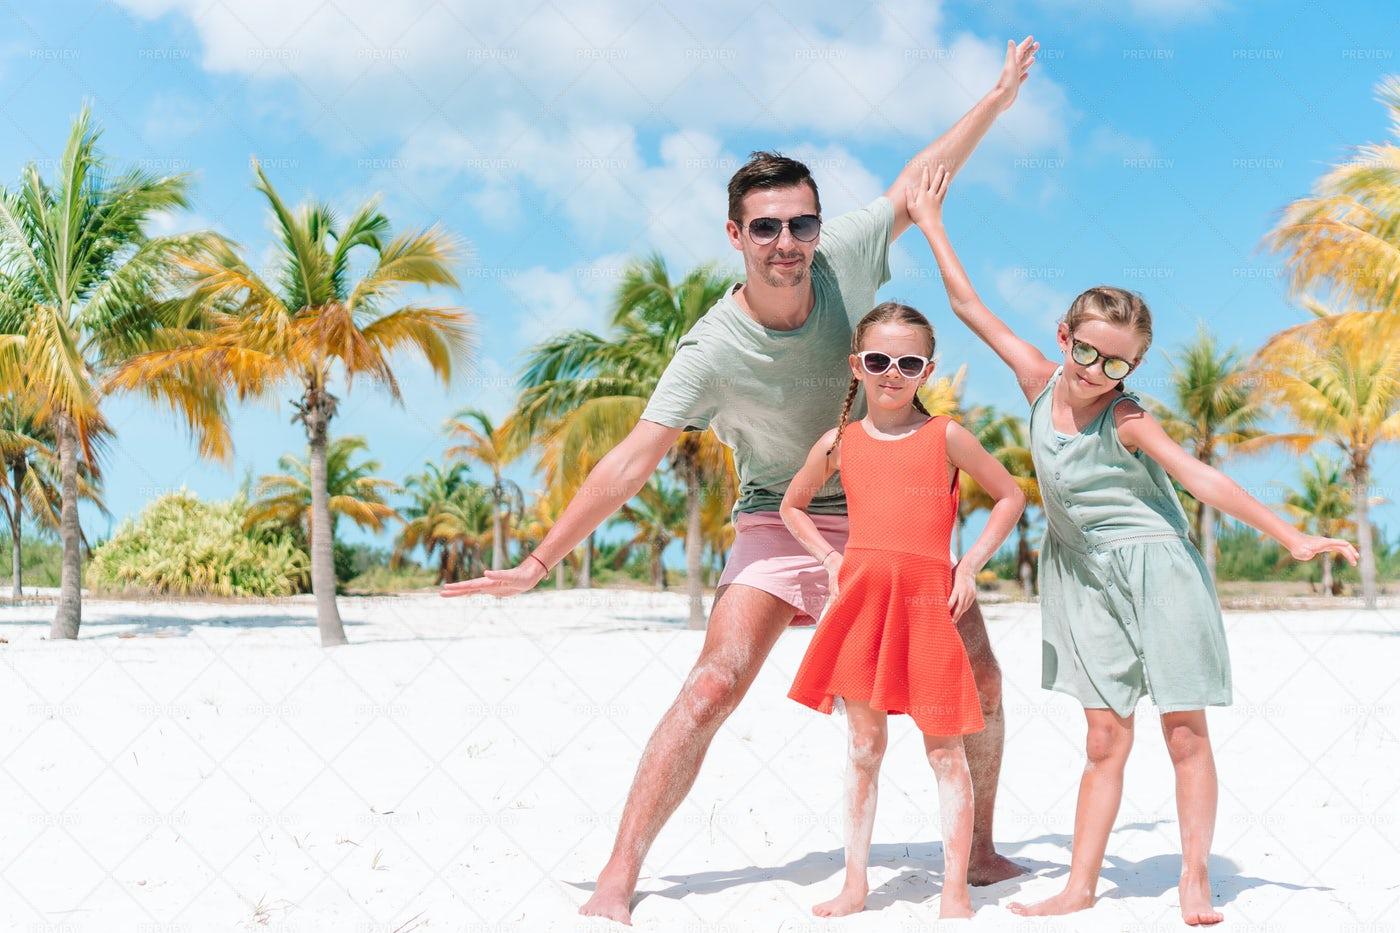 Silly Family On Tropical Beach: Stock Photos